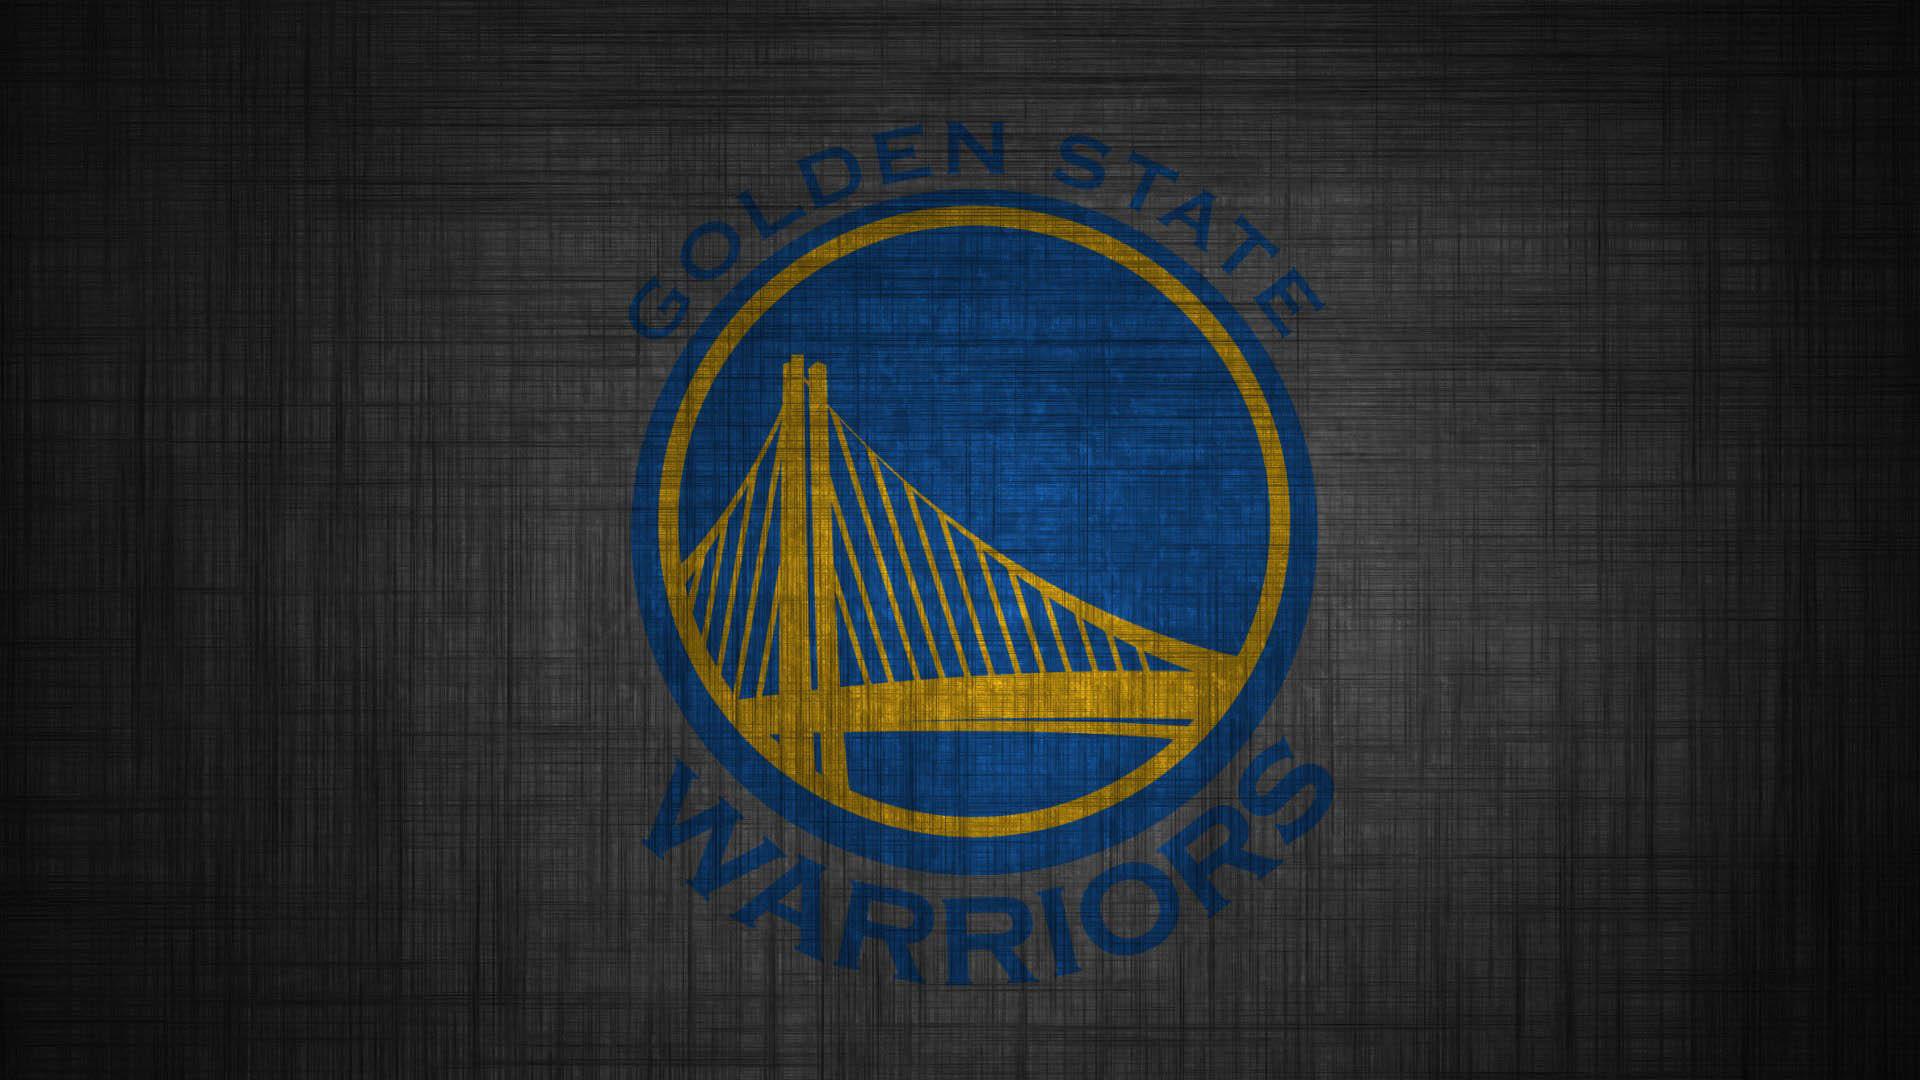 Golden State Warriors HD